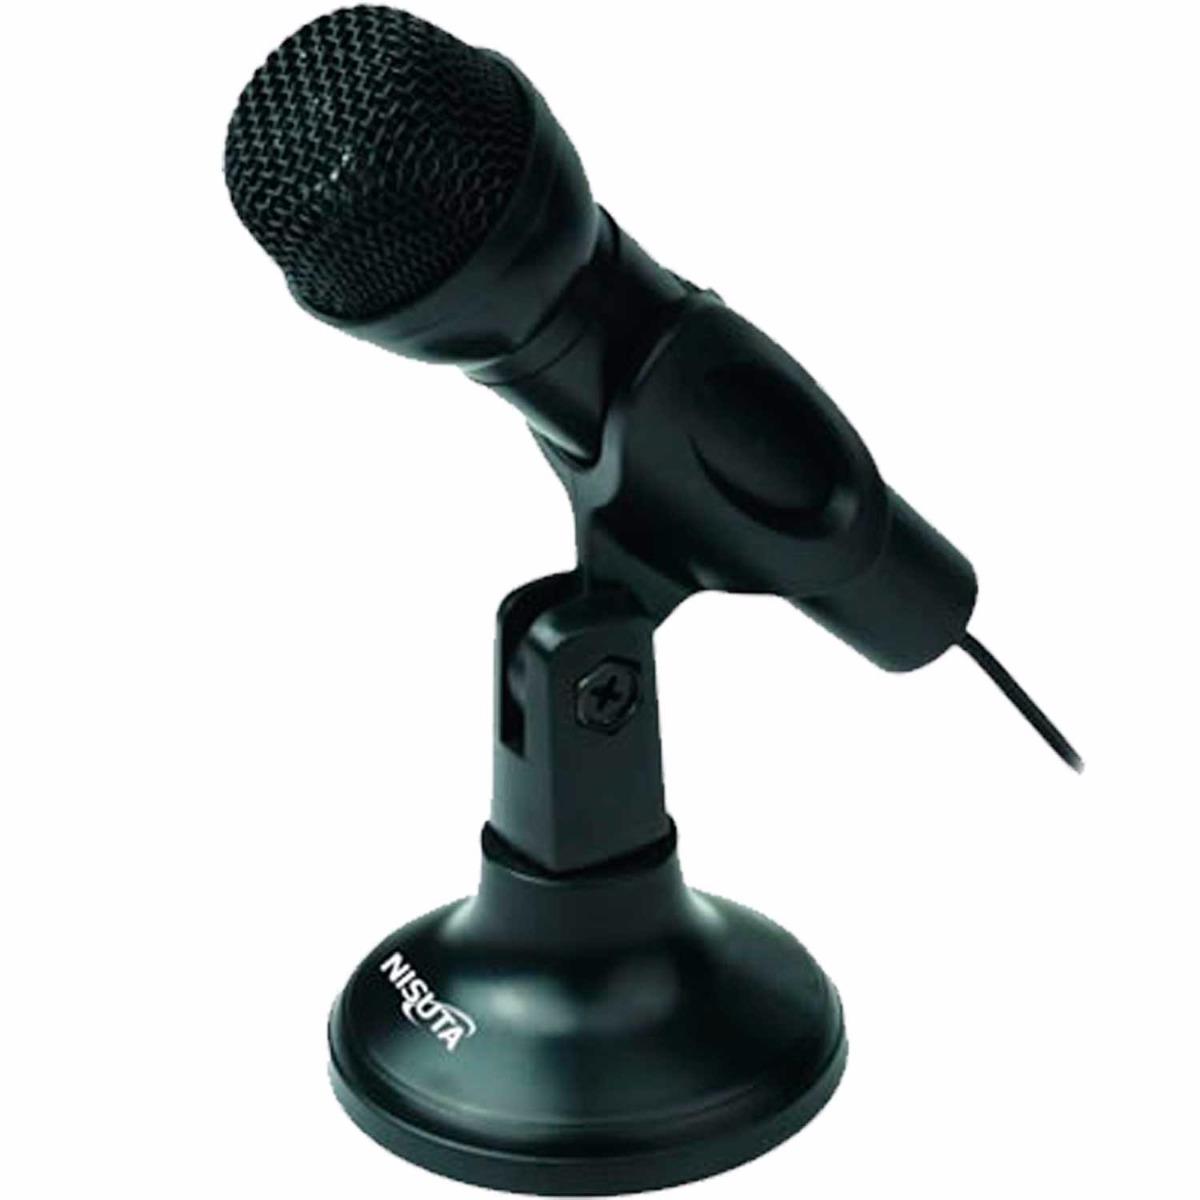 Fotos de microfonos para pc 89